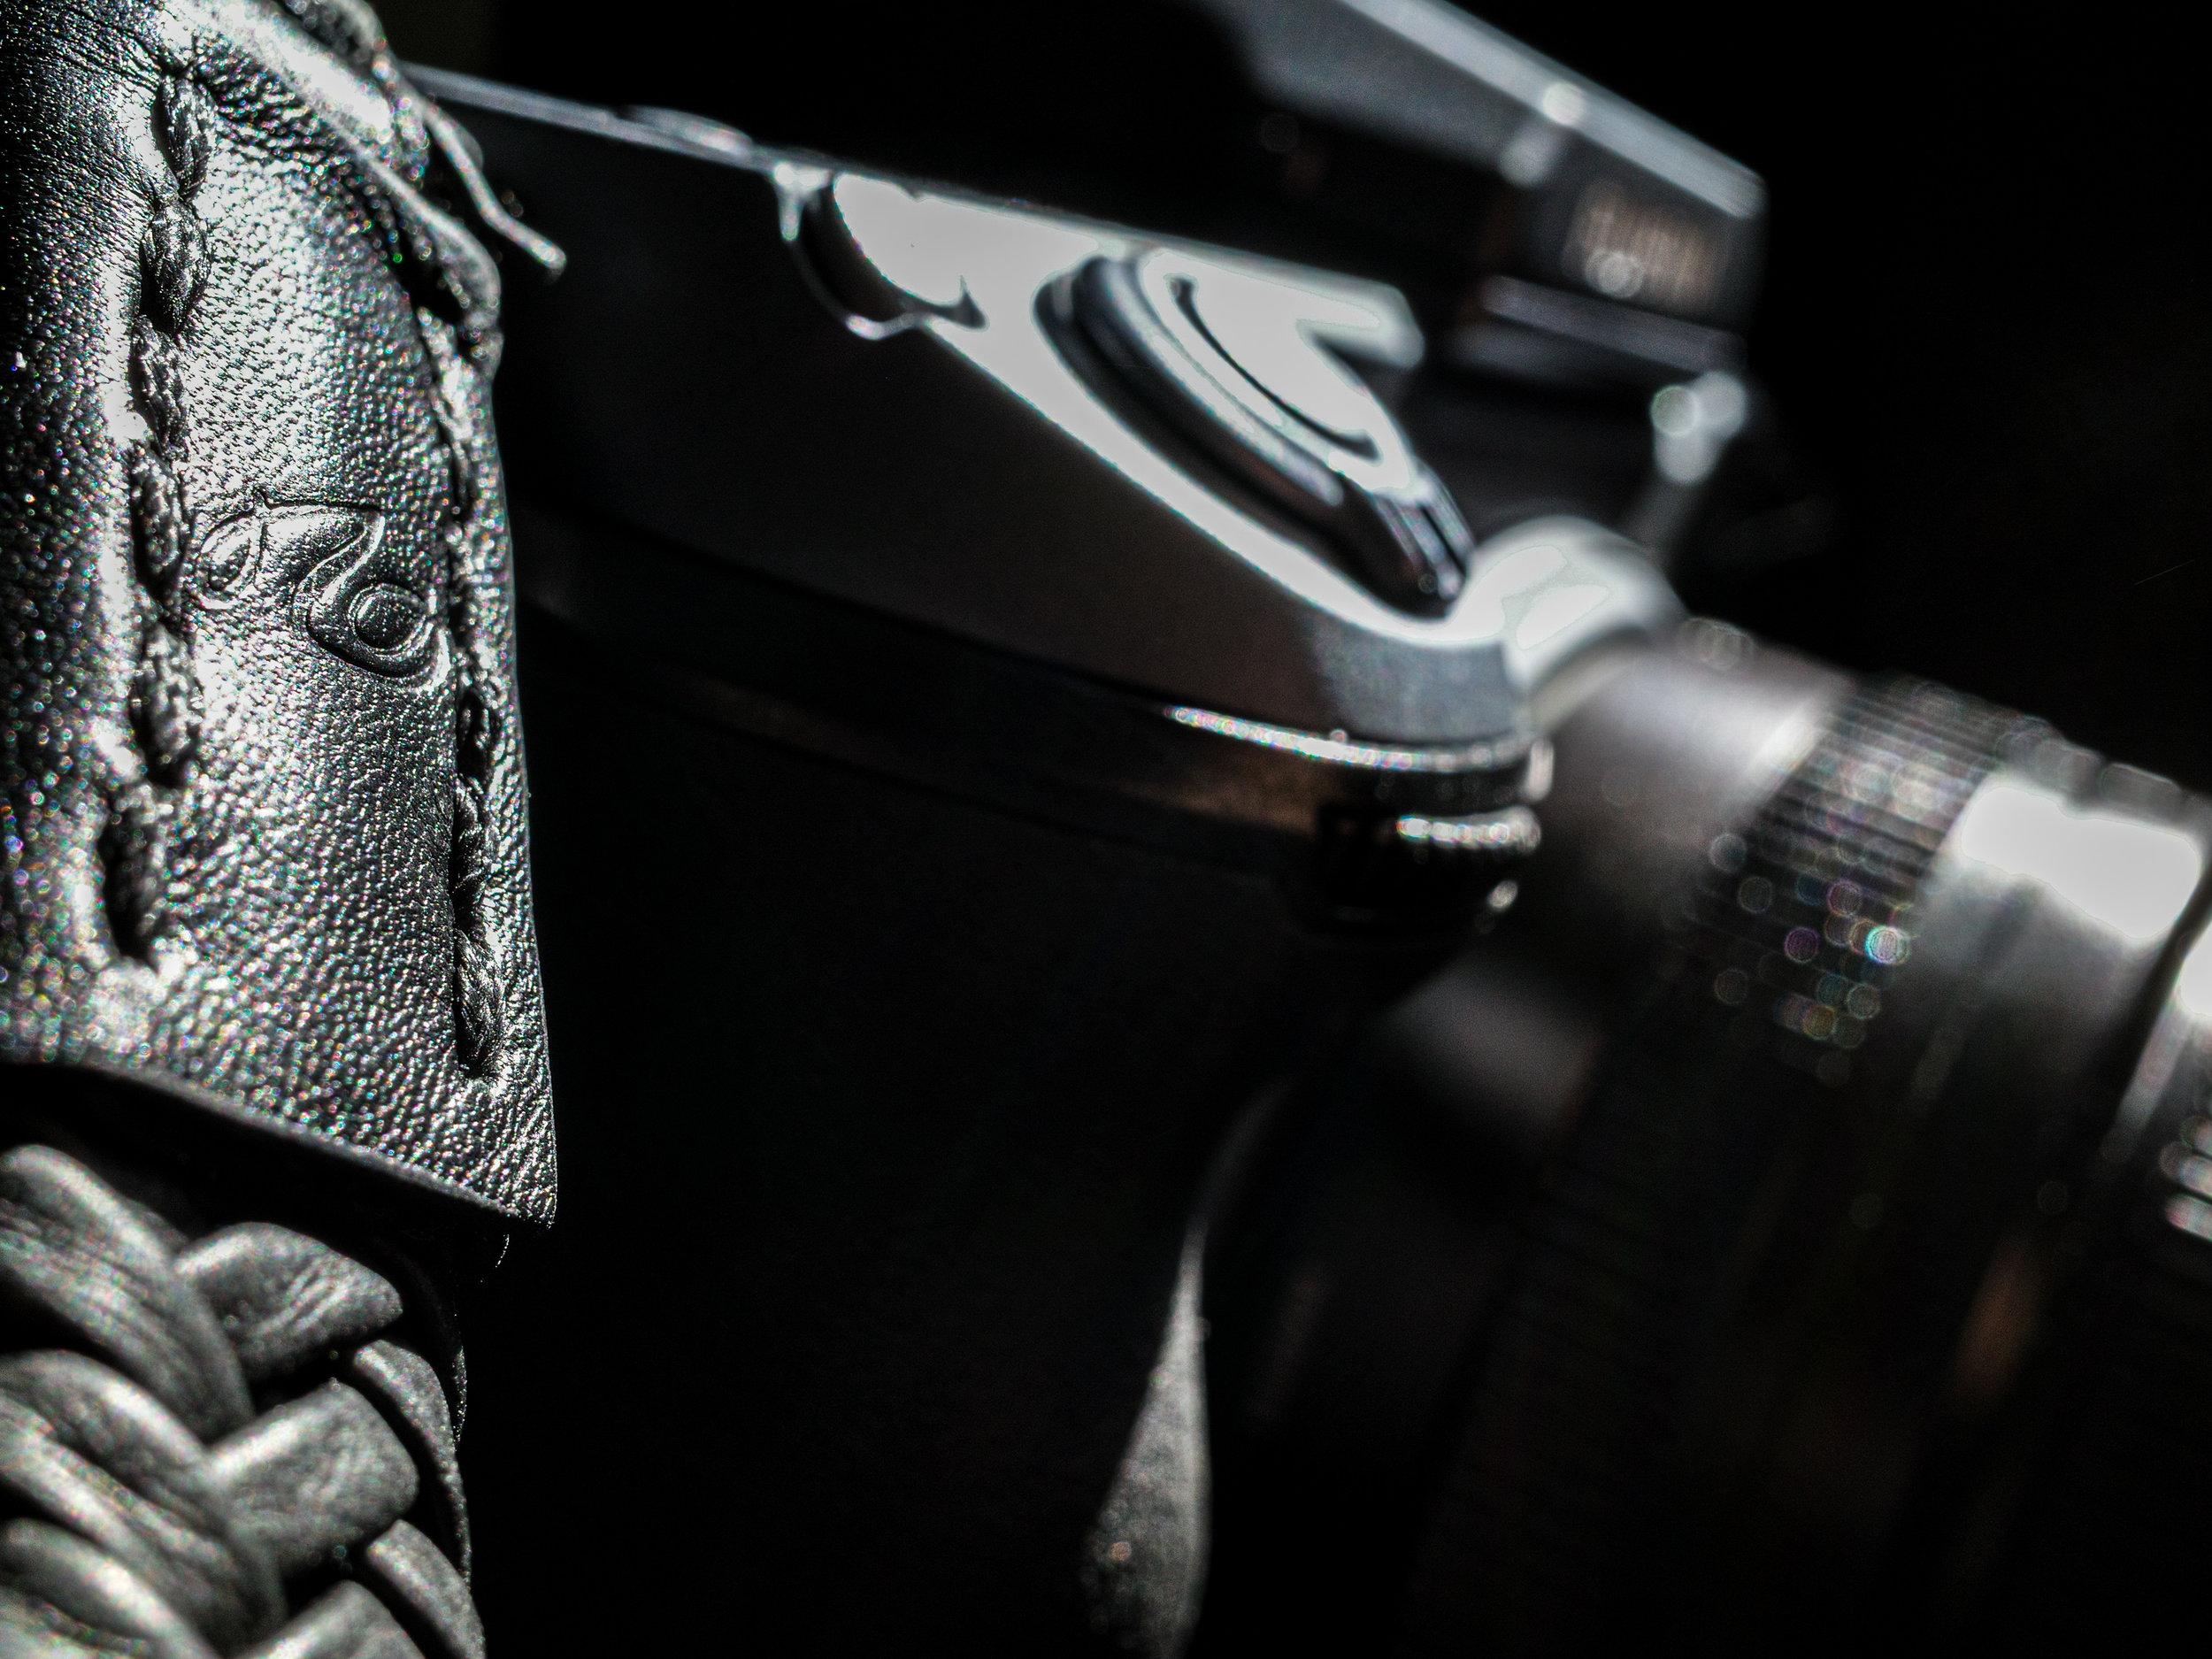 GFX100 and Matador-14.jpg